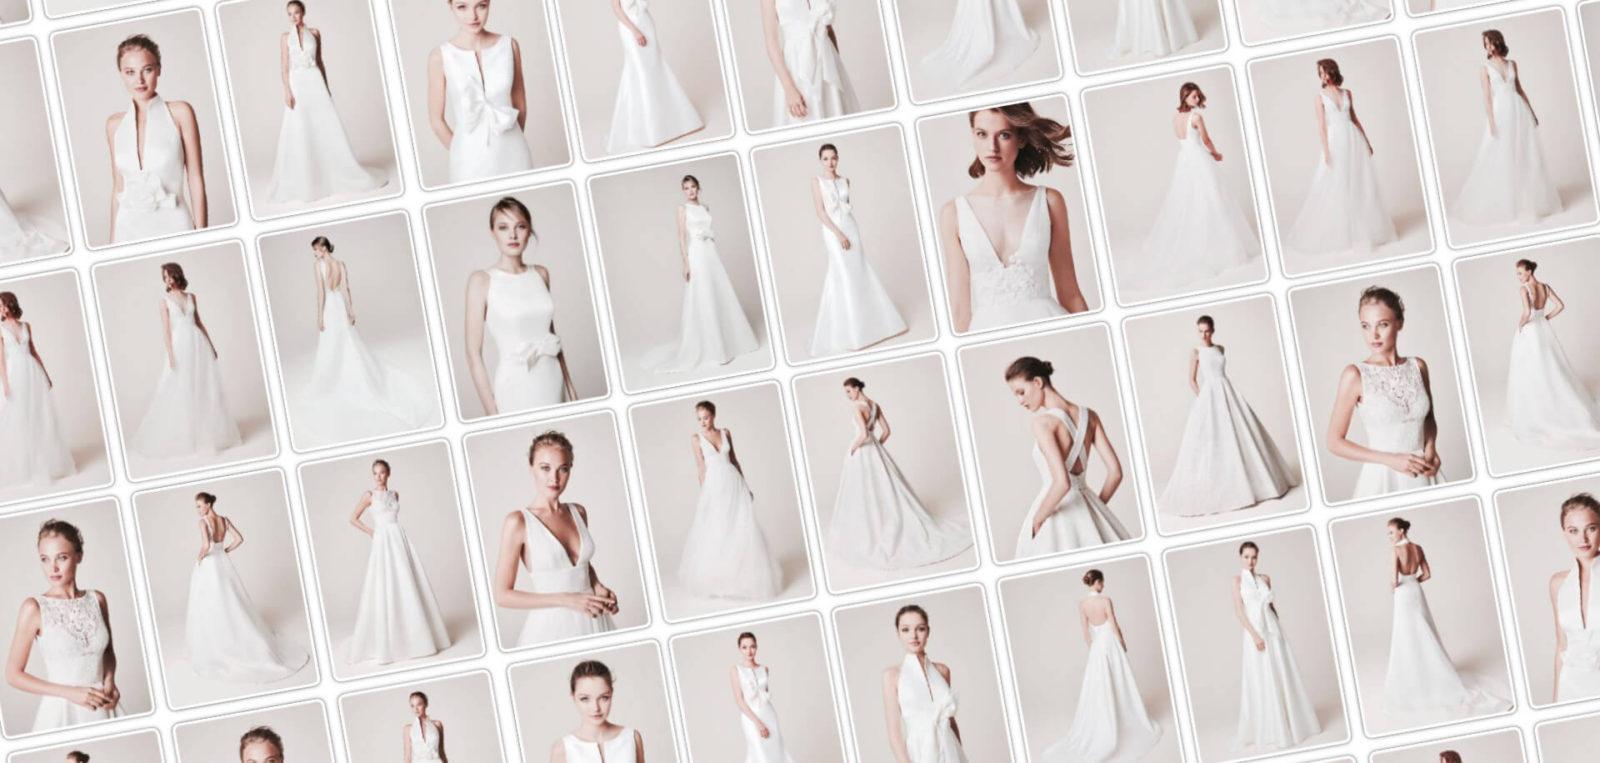 Az Eklektika esküvői ruhaszalon Blue by Morilee menyasszonyi ruha kollekciójának slidere.